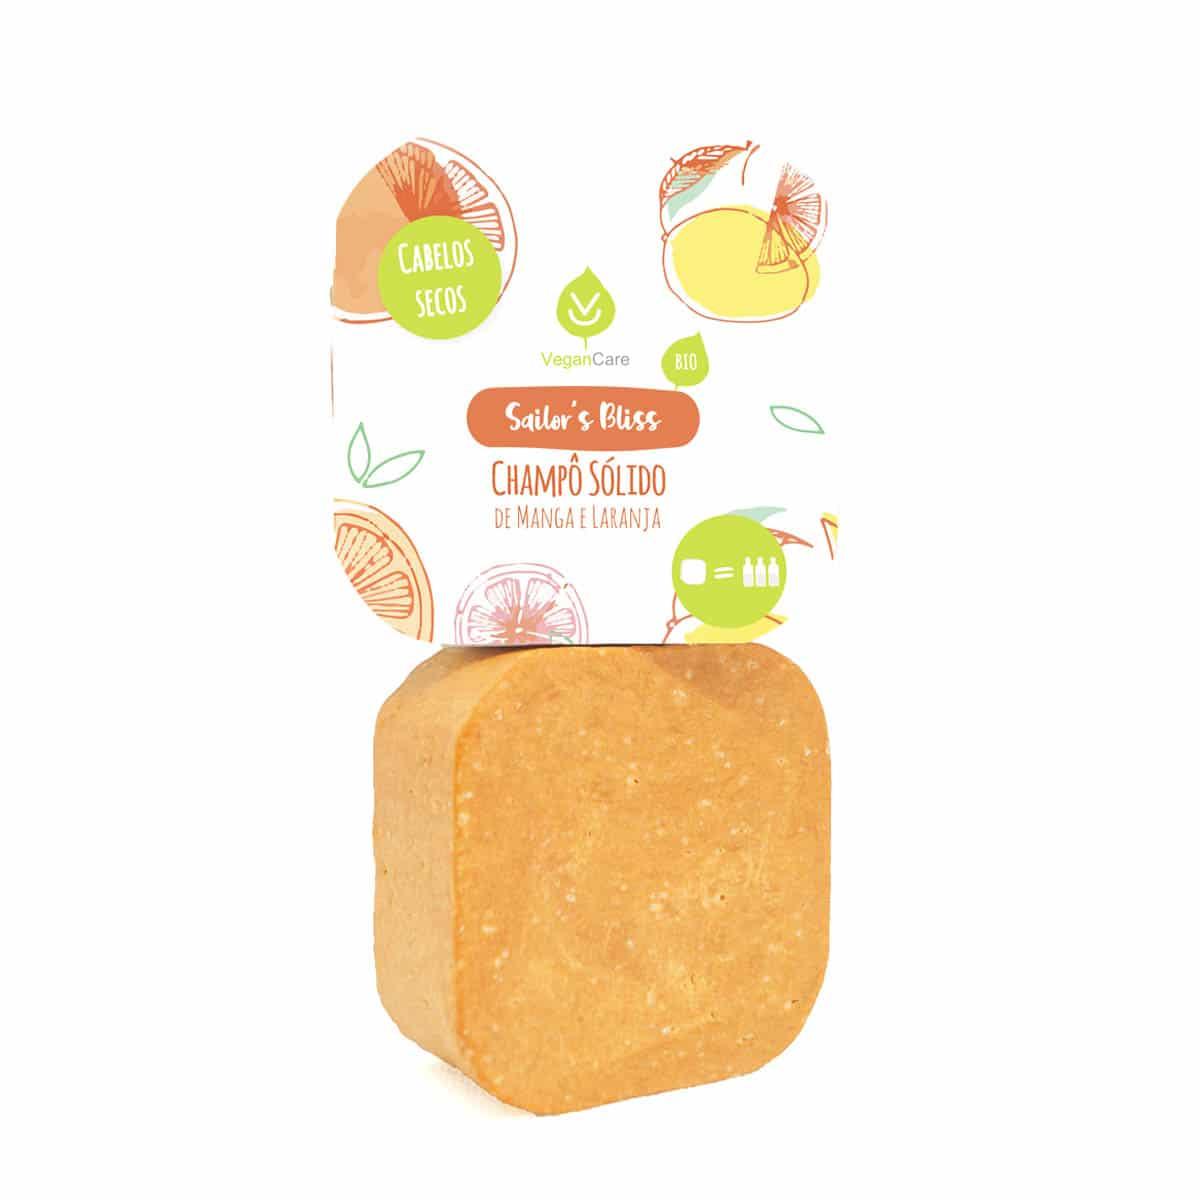 O champô sólido de manga & laranja foi especialmente desenvolvido para cabelos secos. Vegano, biodegradável e produzido em Portugal.